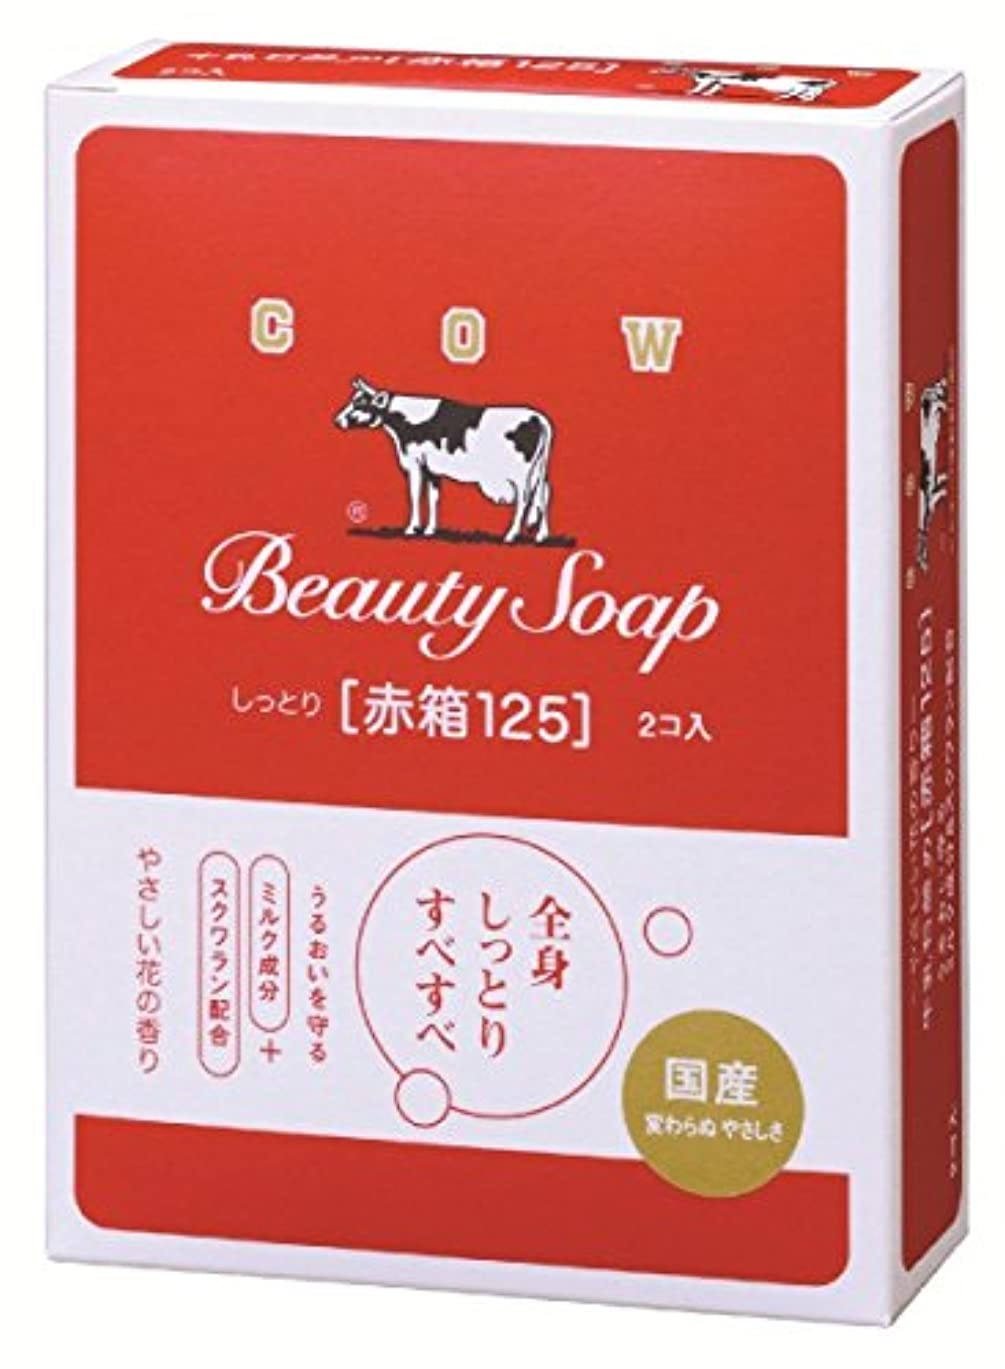 コピー再生可能ドリル牛乳石鹸共進社 カウブランド 赤箱 125g×2